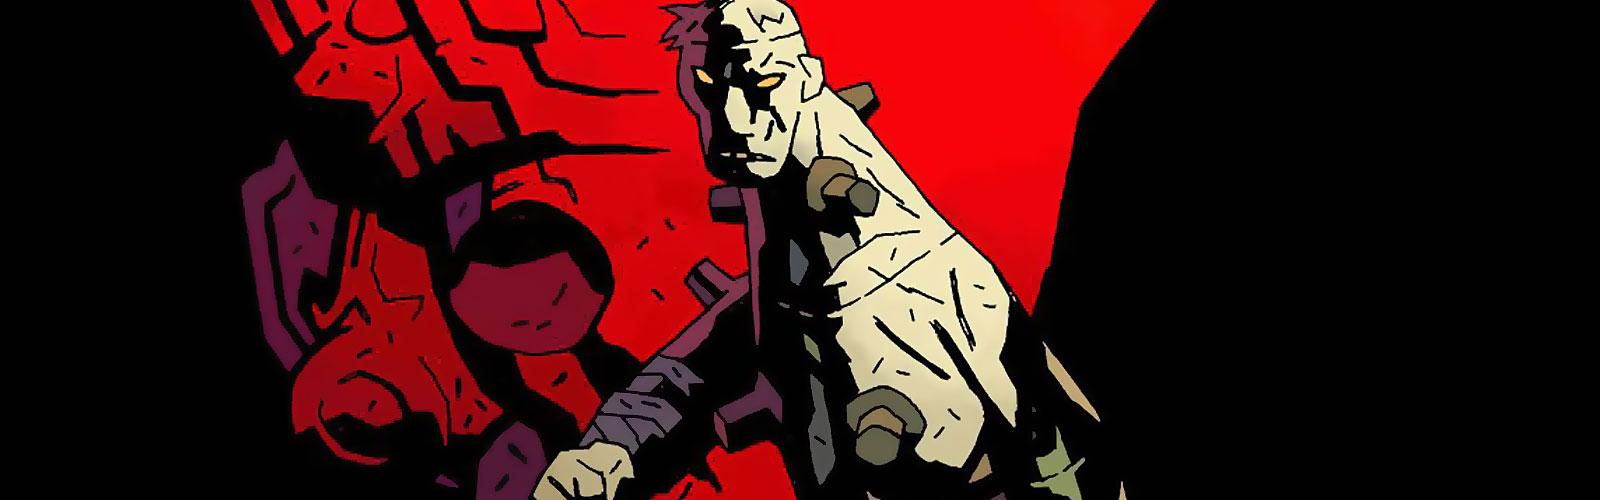 Previews 316: Frankenstein Underground